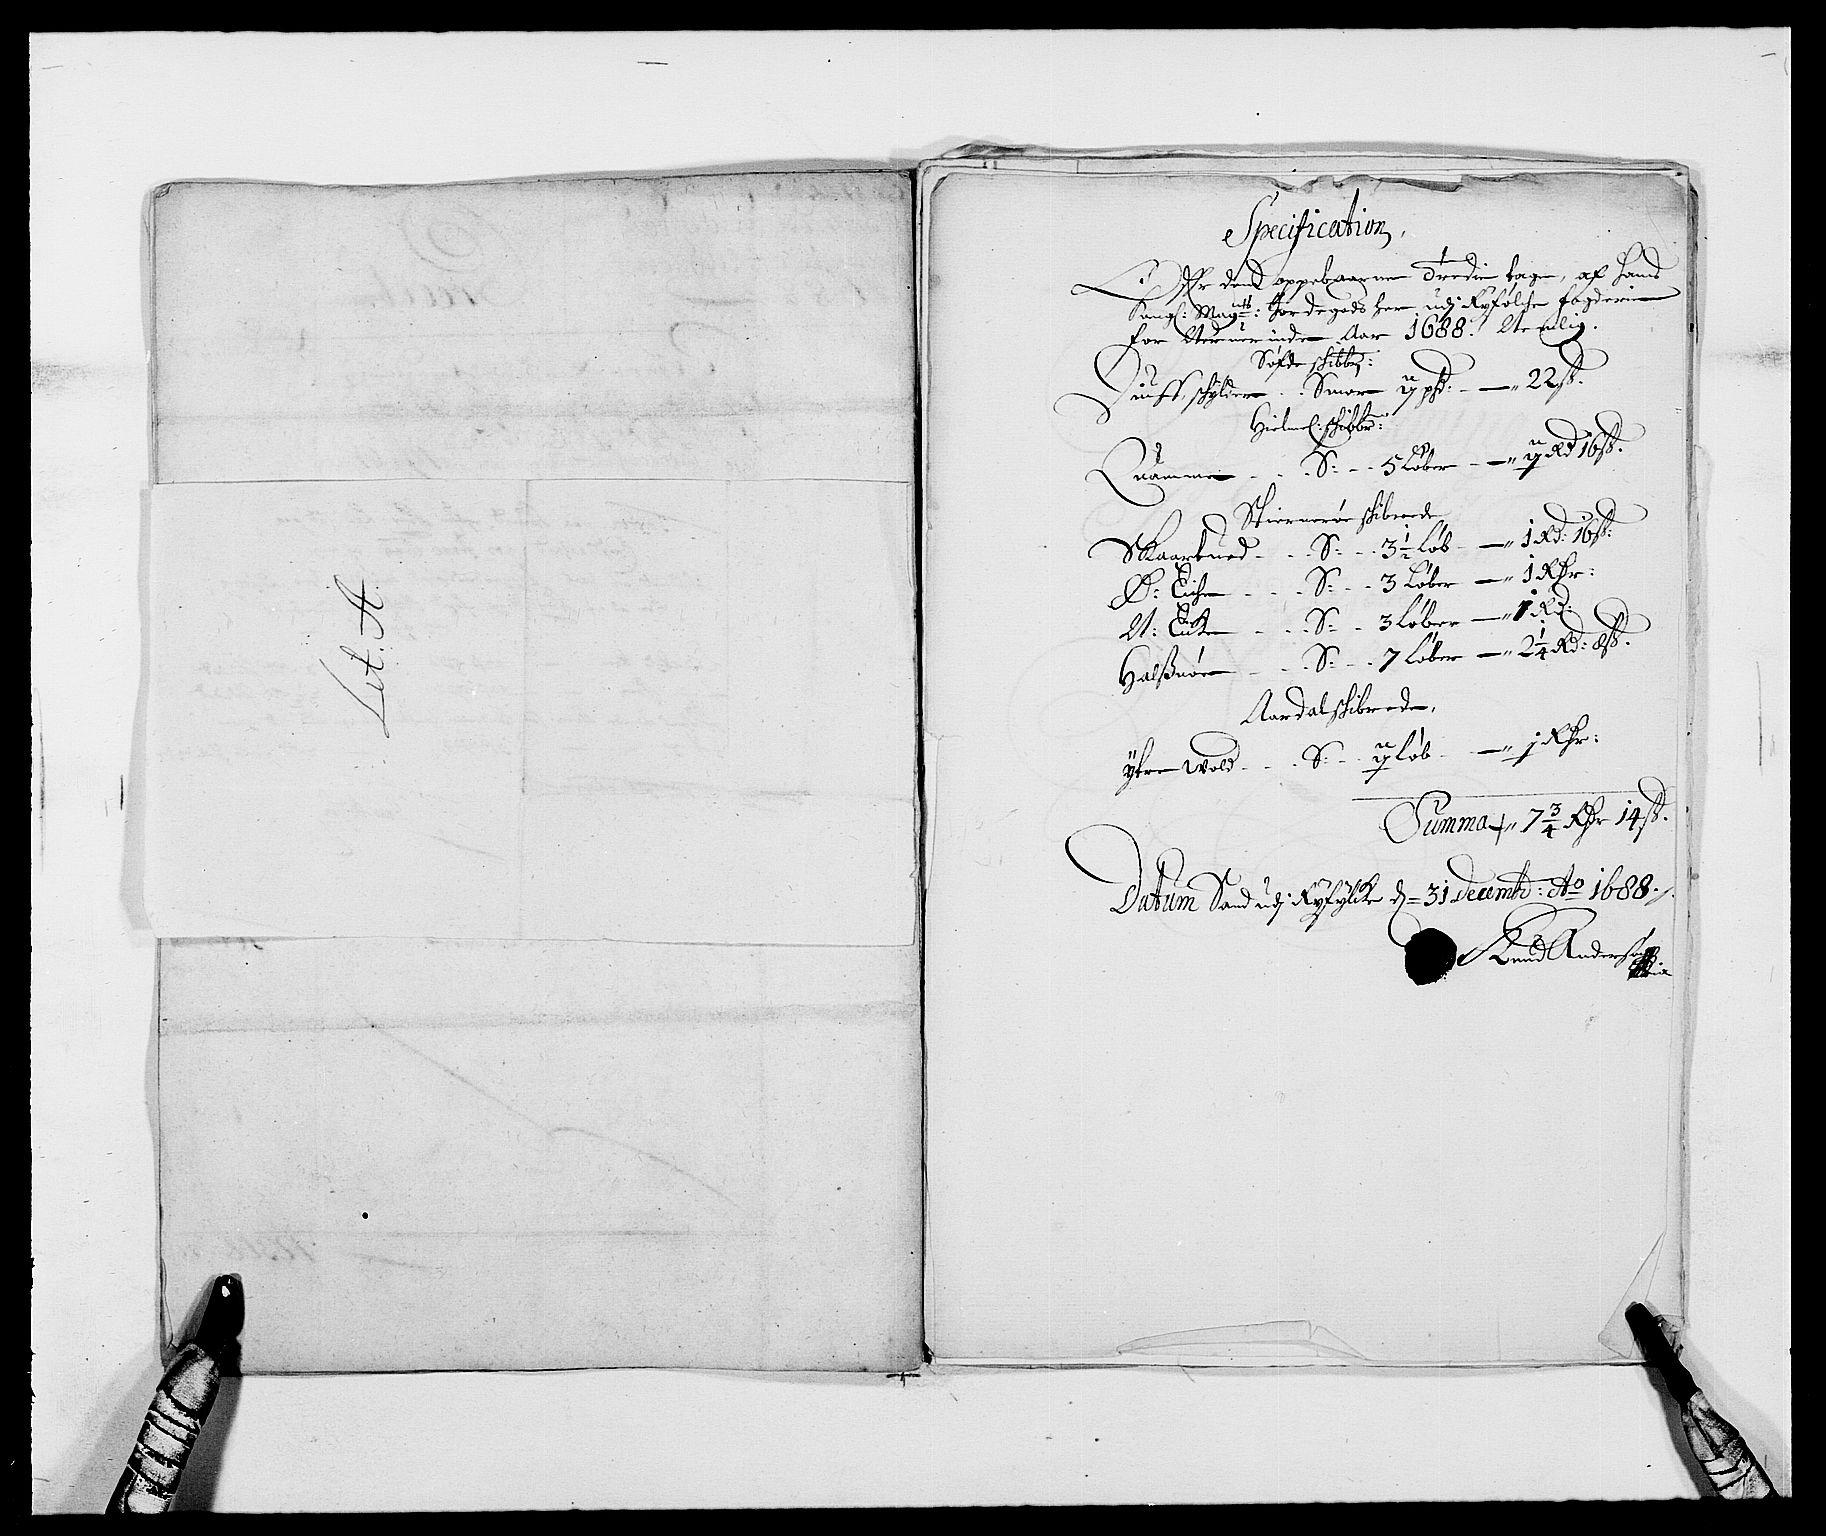 RA, Rentekammeret inntil 1814, Reviderte regnskaper, Fogderegnskap, R47/L2855: Fogderegnskap Ryfylke, 1685-1688, s. 338